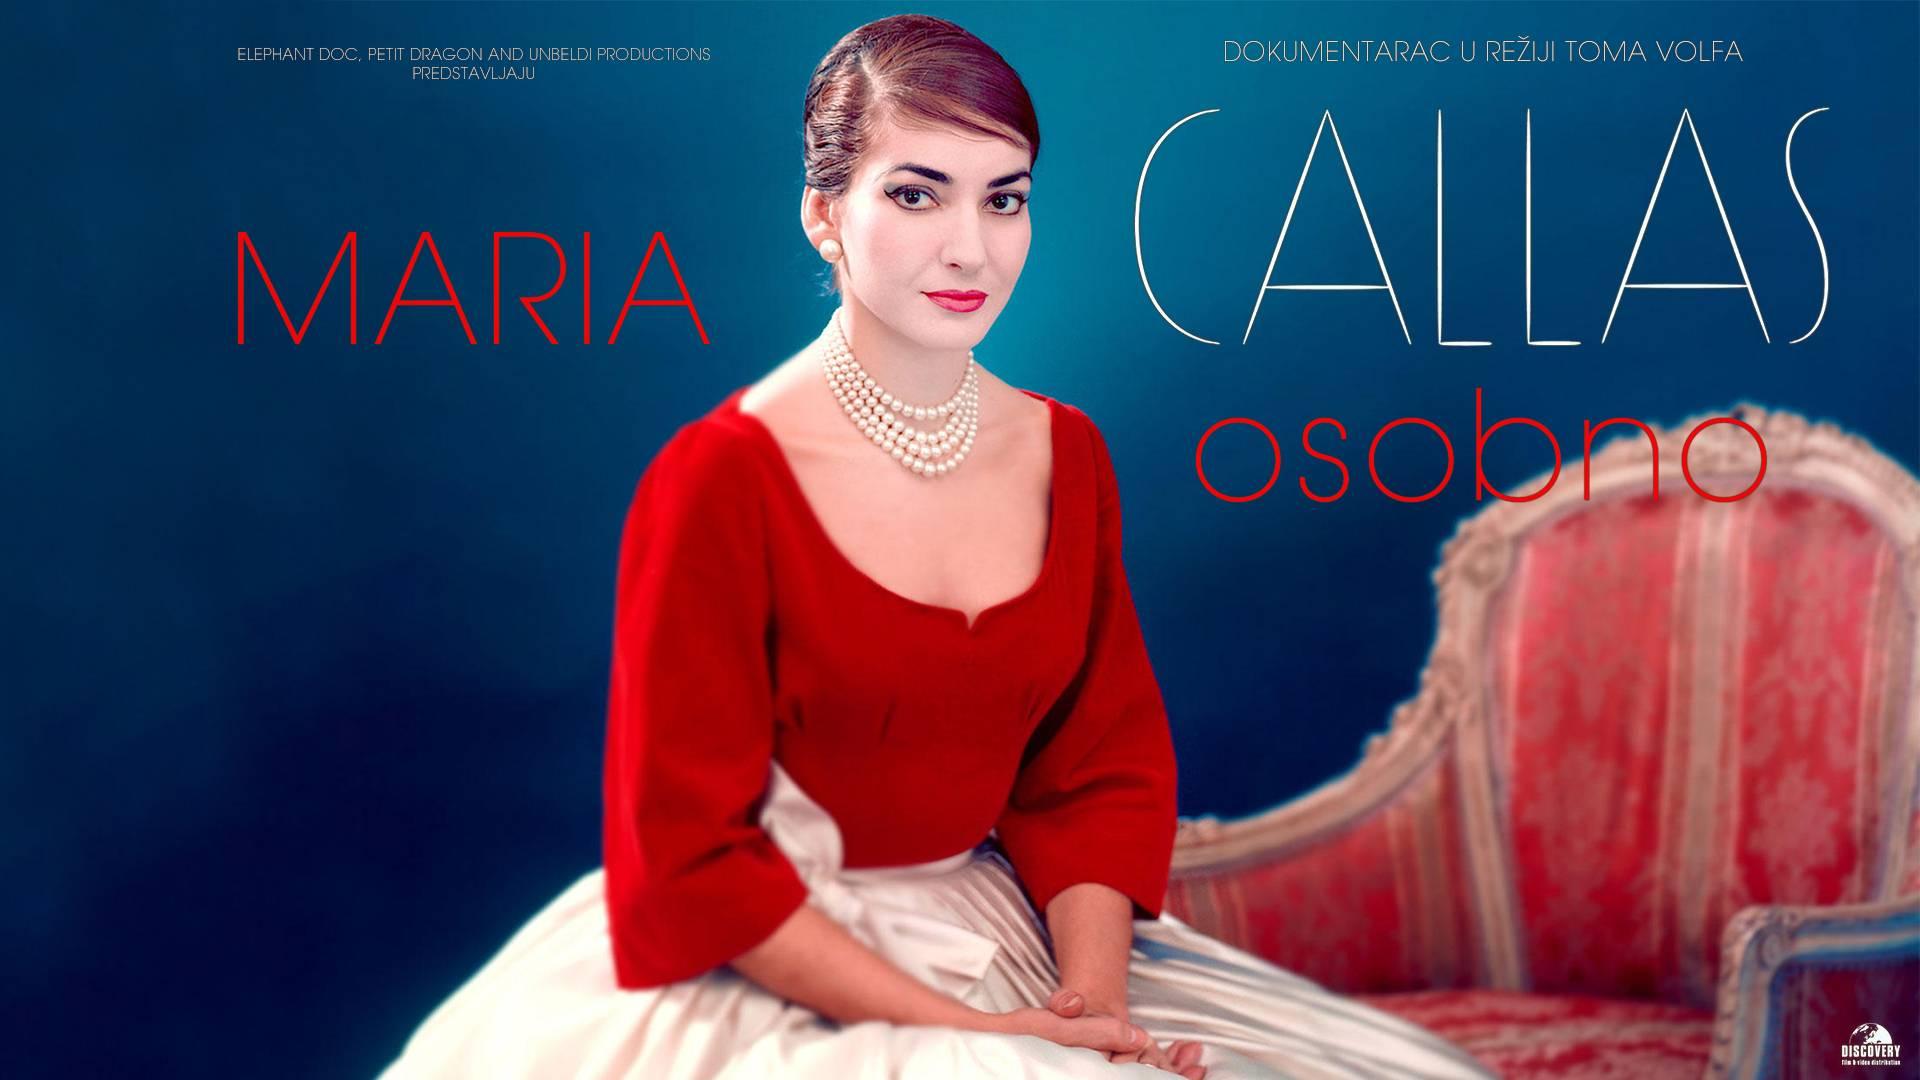 Maria Callas osobno